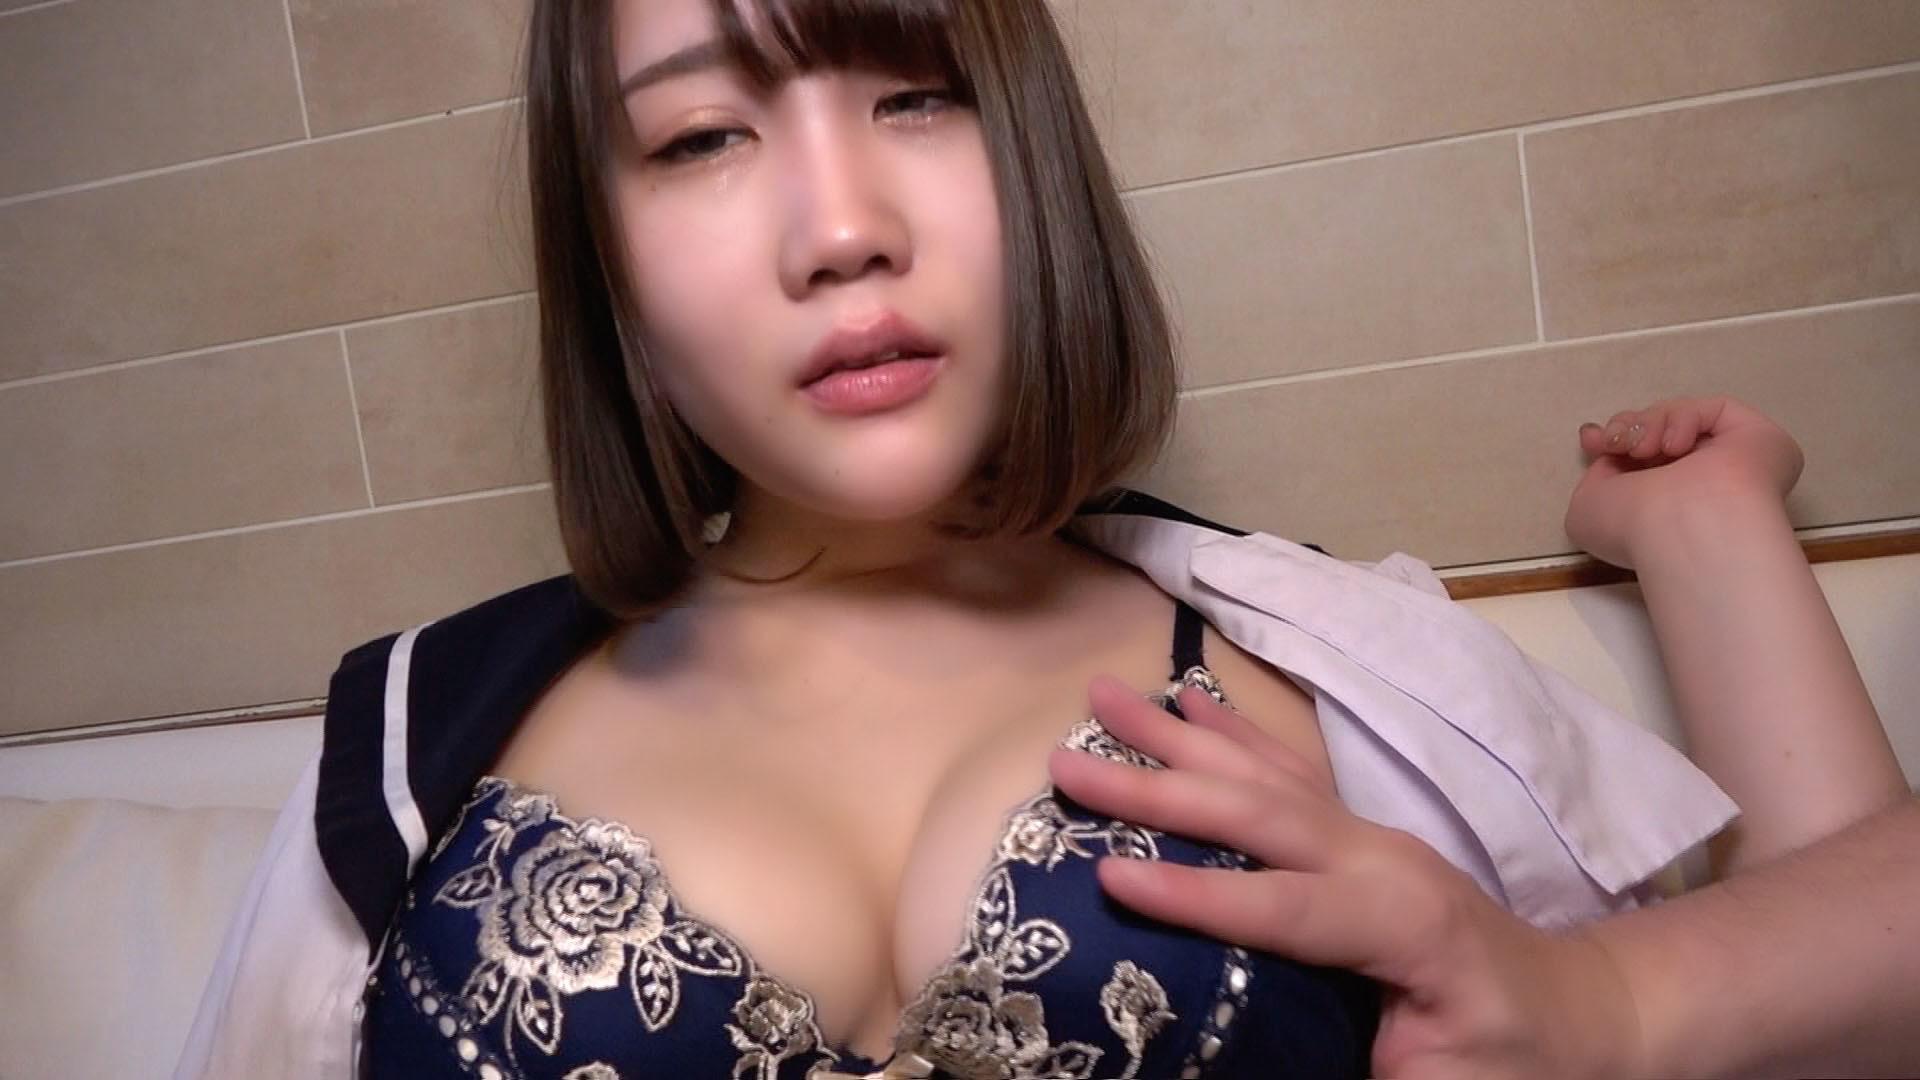 パコ撮りNo.24 体育会系の長身グラマーな陥没乳首巨乳J〇は生チン挿入を拒むも気持ち良さが勝り最後は中出しも許した!